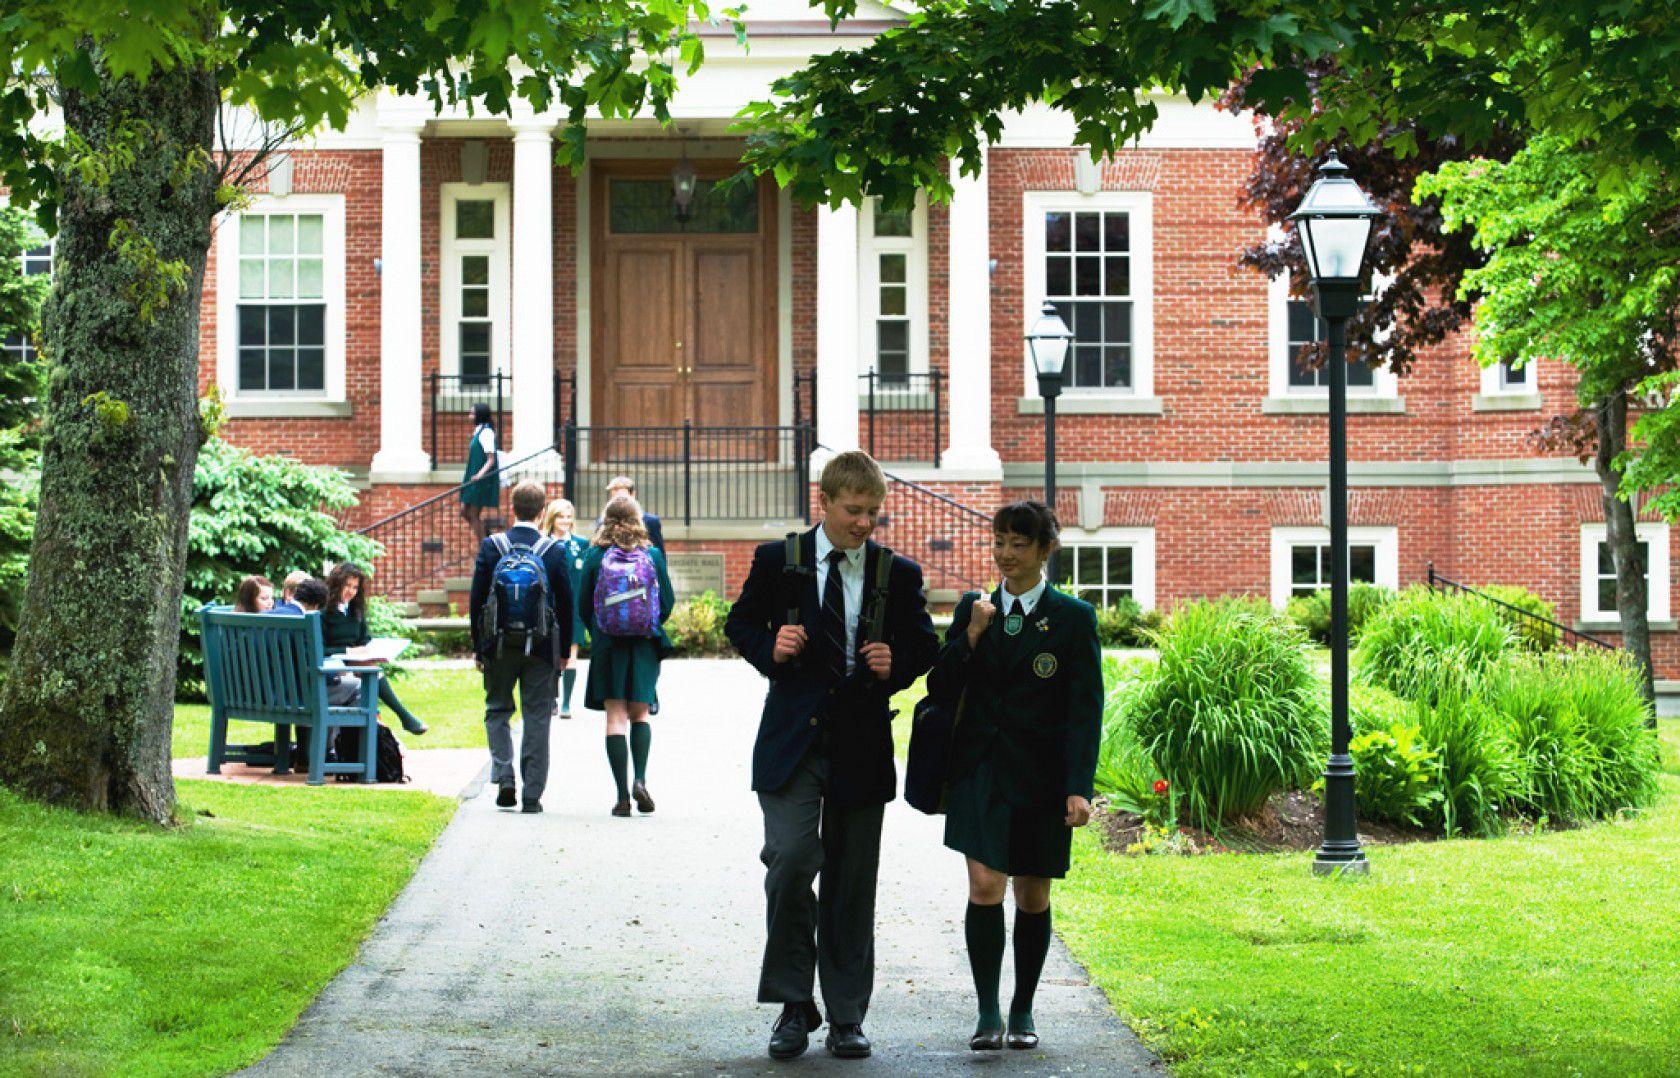 Kanada'da Yatılı Lise Eğitimi Almak Hakkında Her Şey